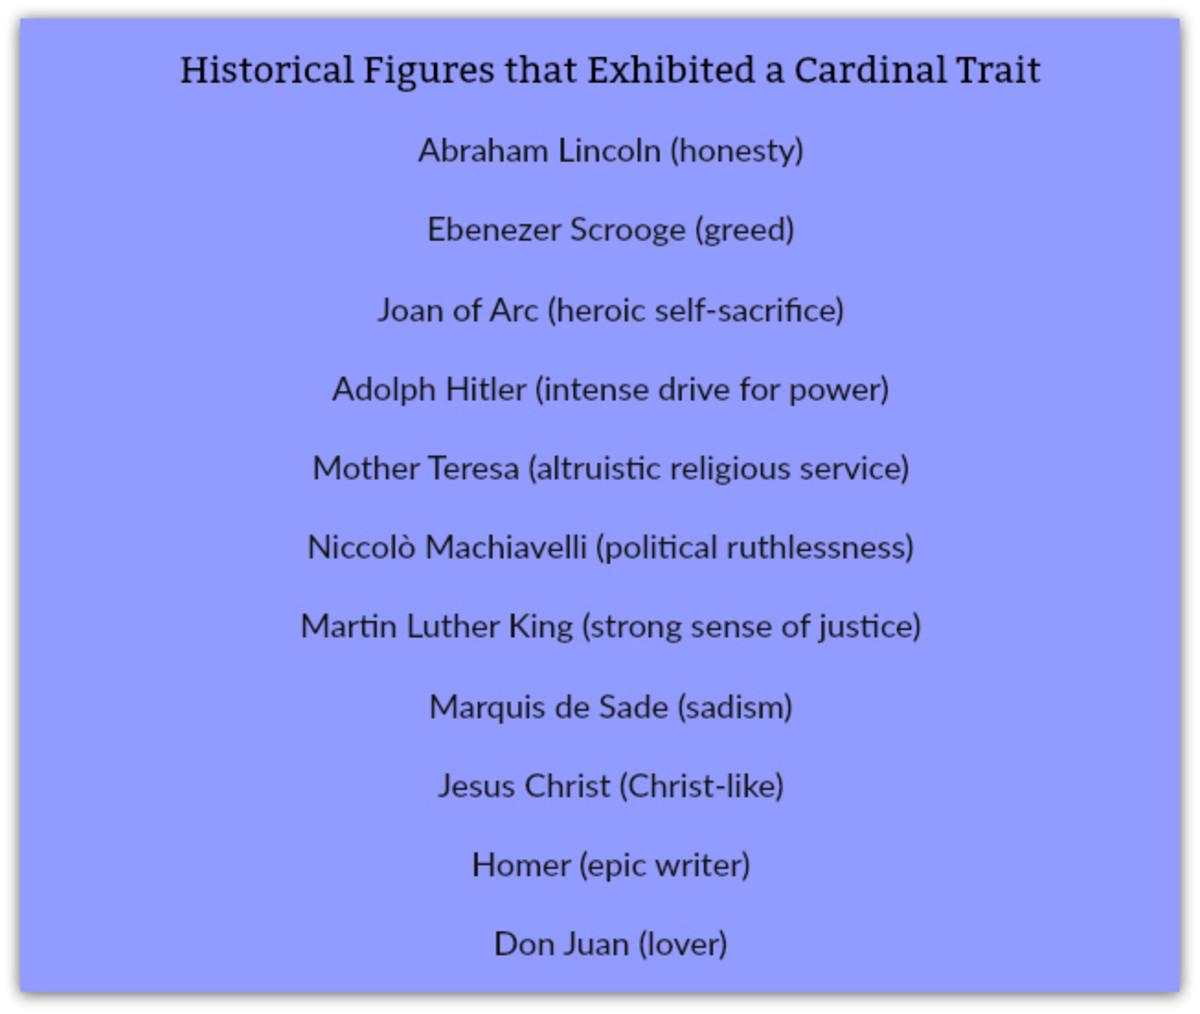 Mother Teresa Altruistic Religious Service